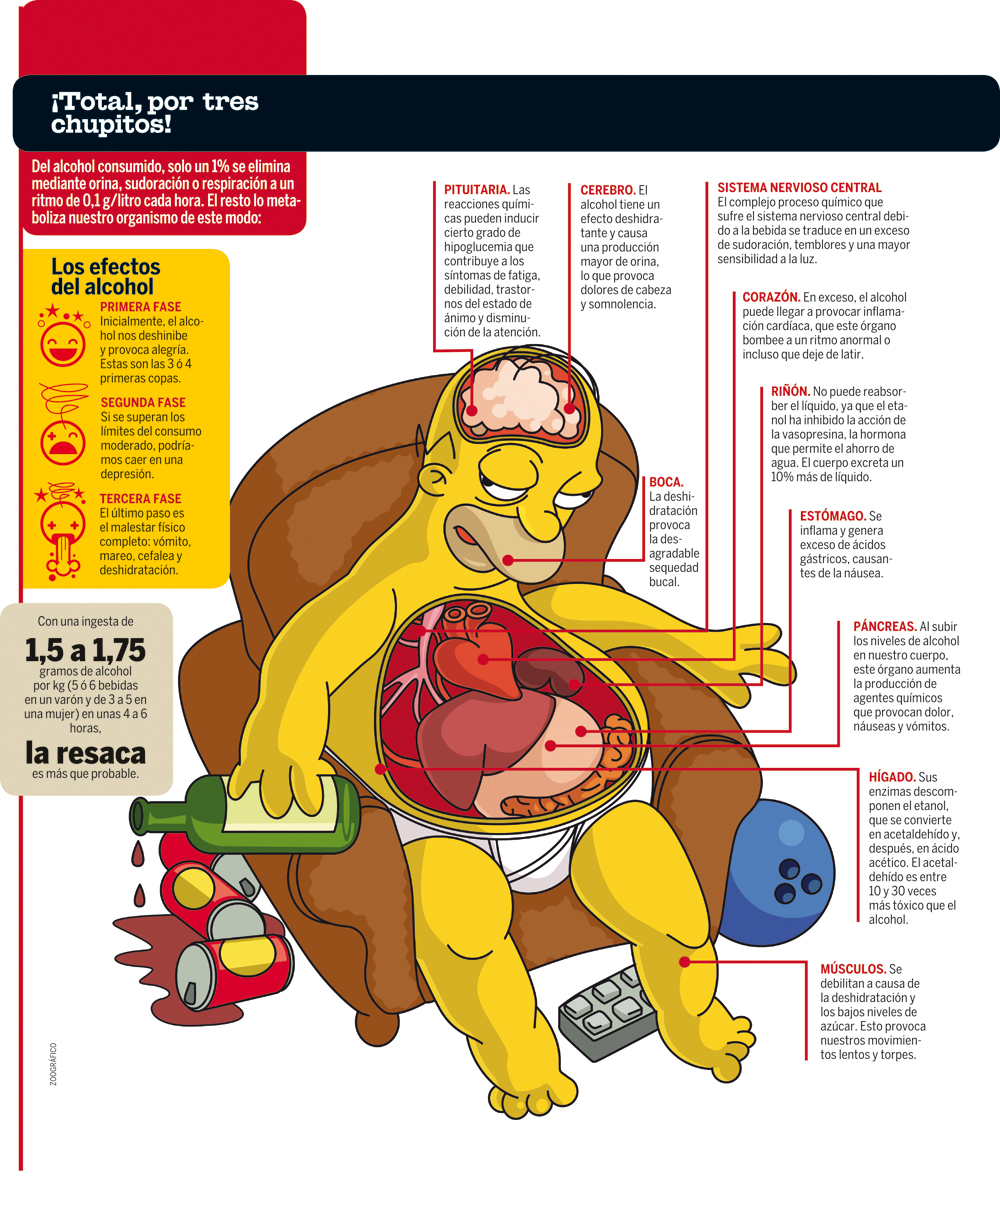 El síndrome de la dependencia física del alcohol